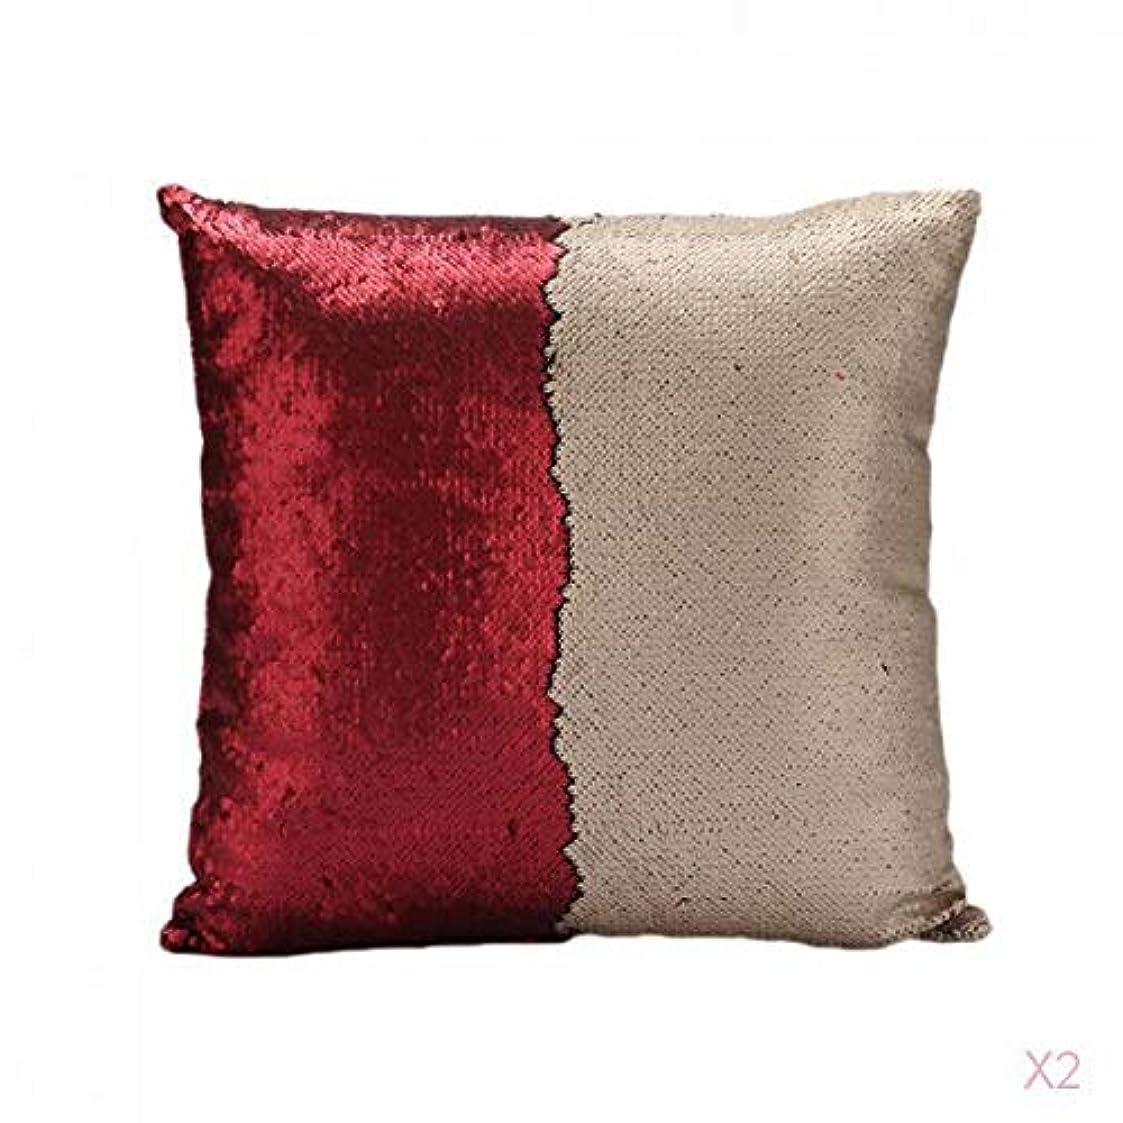 言語学パンフレットアナログ赤可逆スエードスパンコールソファ腰クッションカバーベッドの枕カバースリップ